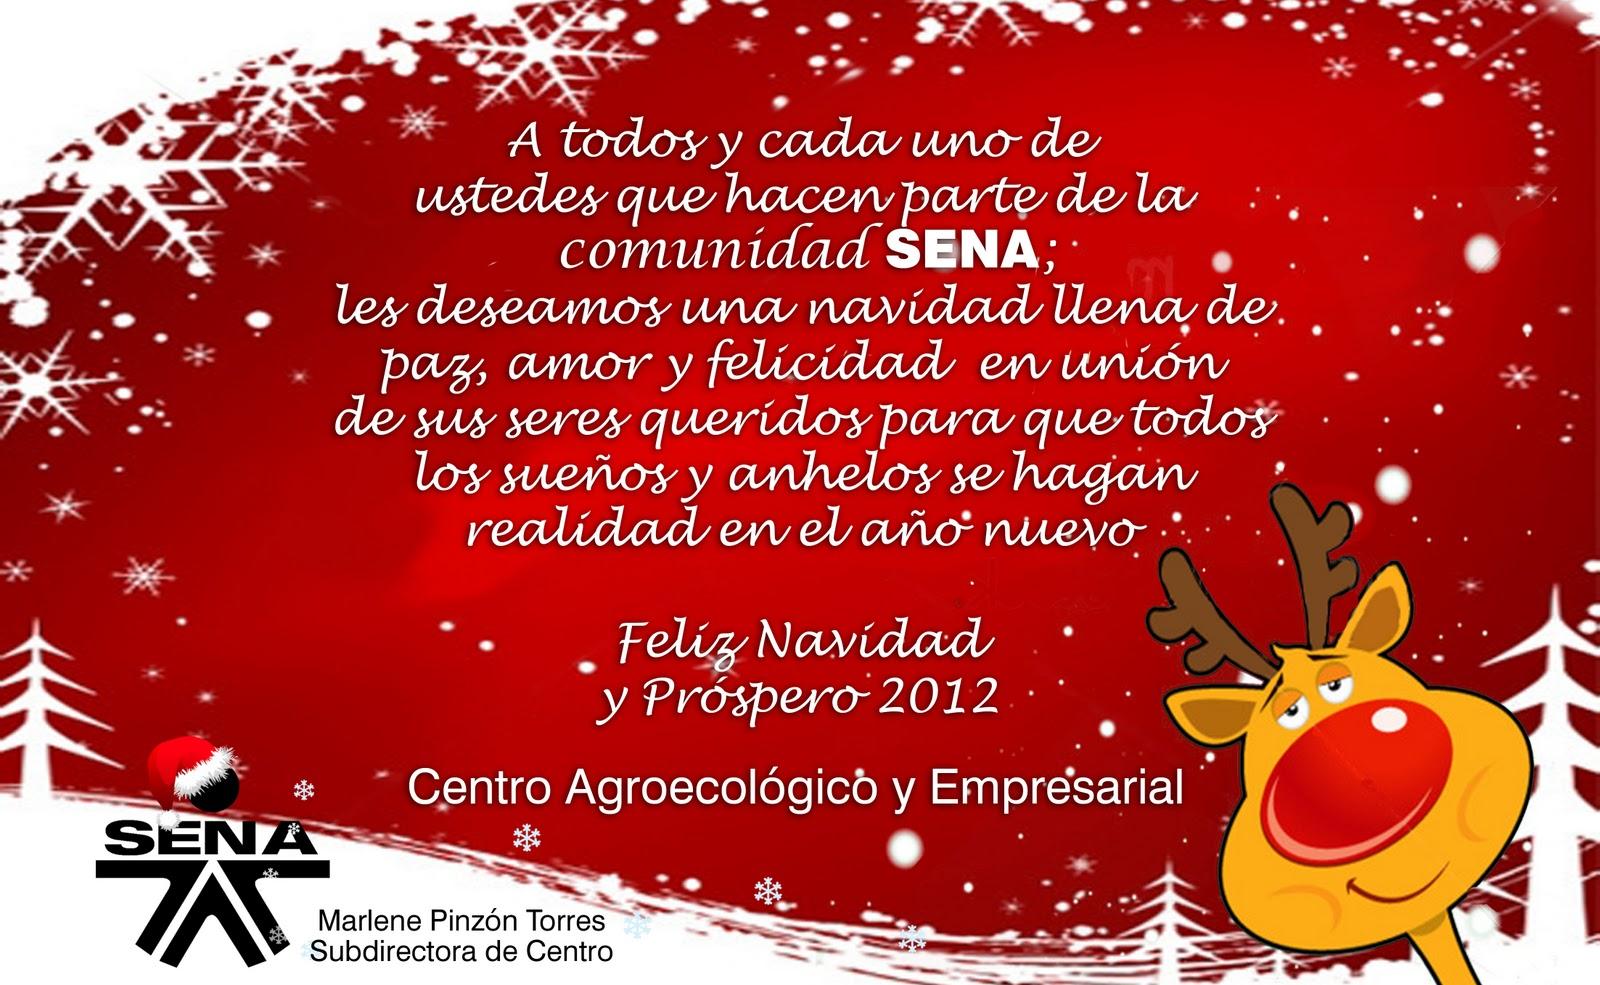 Blog centro agroecol gico y empresarial diciembre 2011 - Frases de navidad para empresas ...